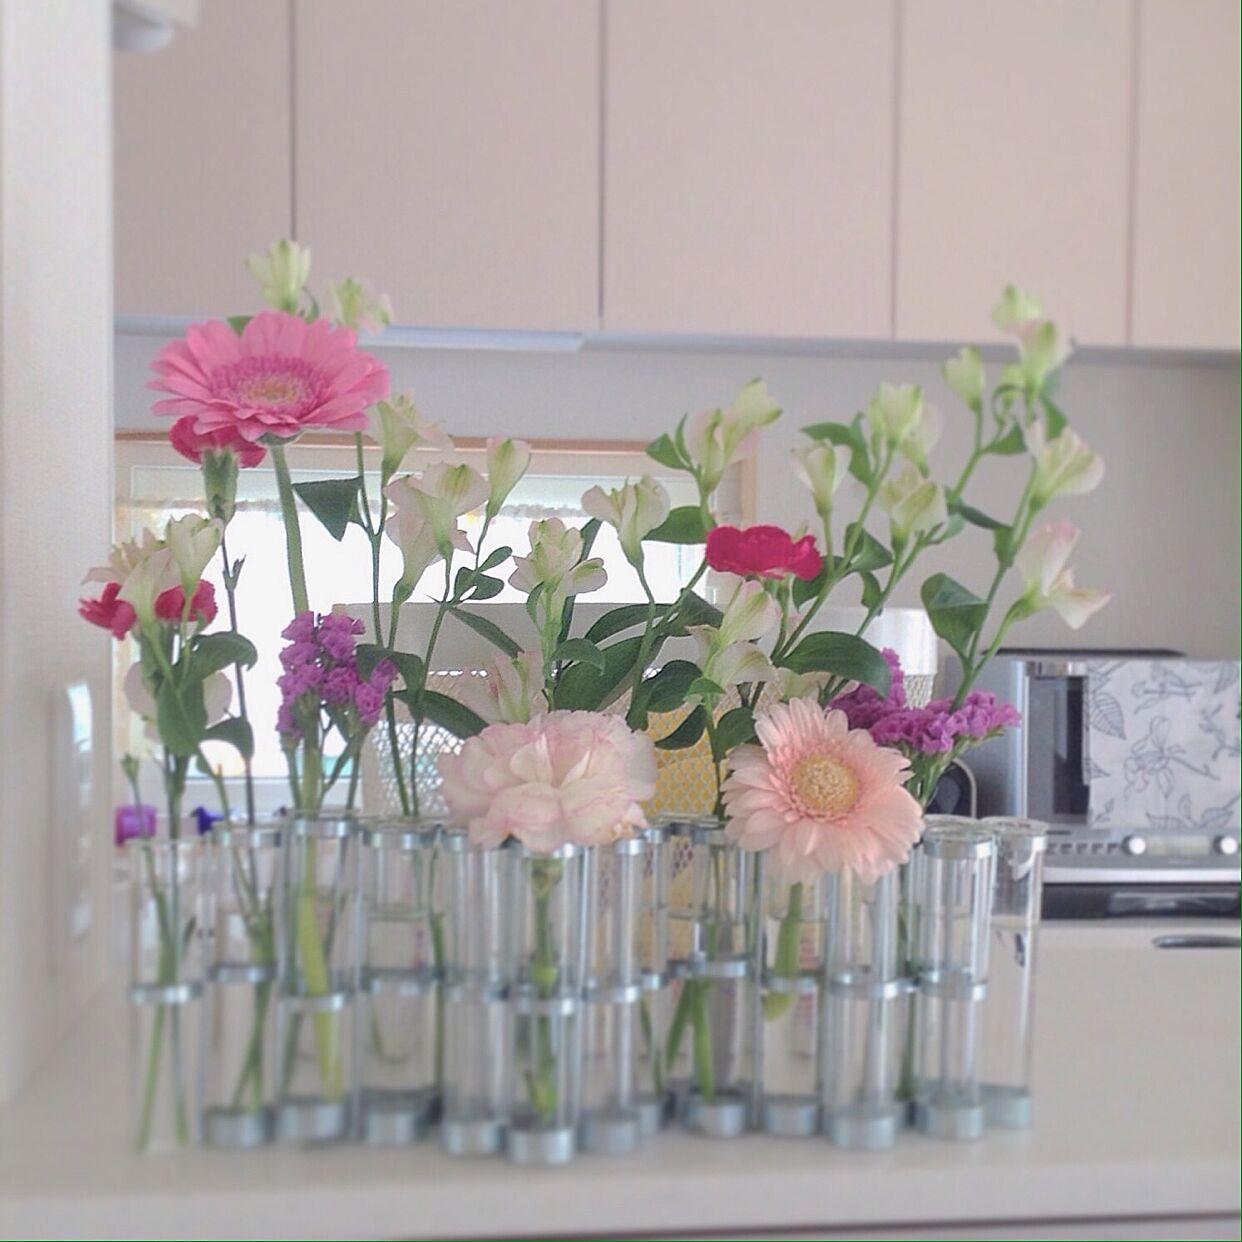 「自由自在に形が変わる花瓶」わたしの愛用品 vol.6 oug_msh15さん